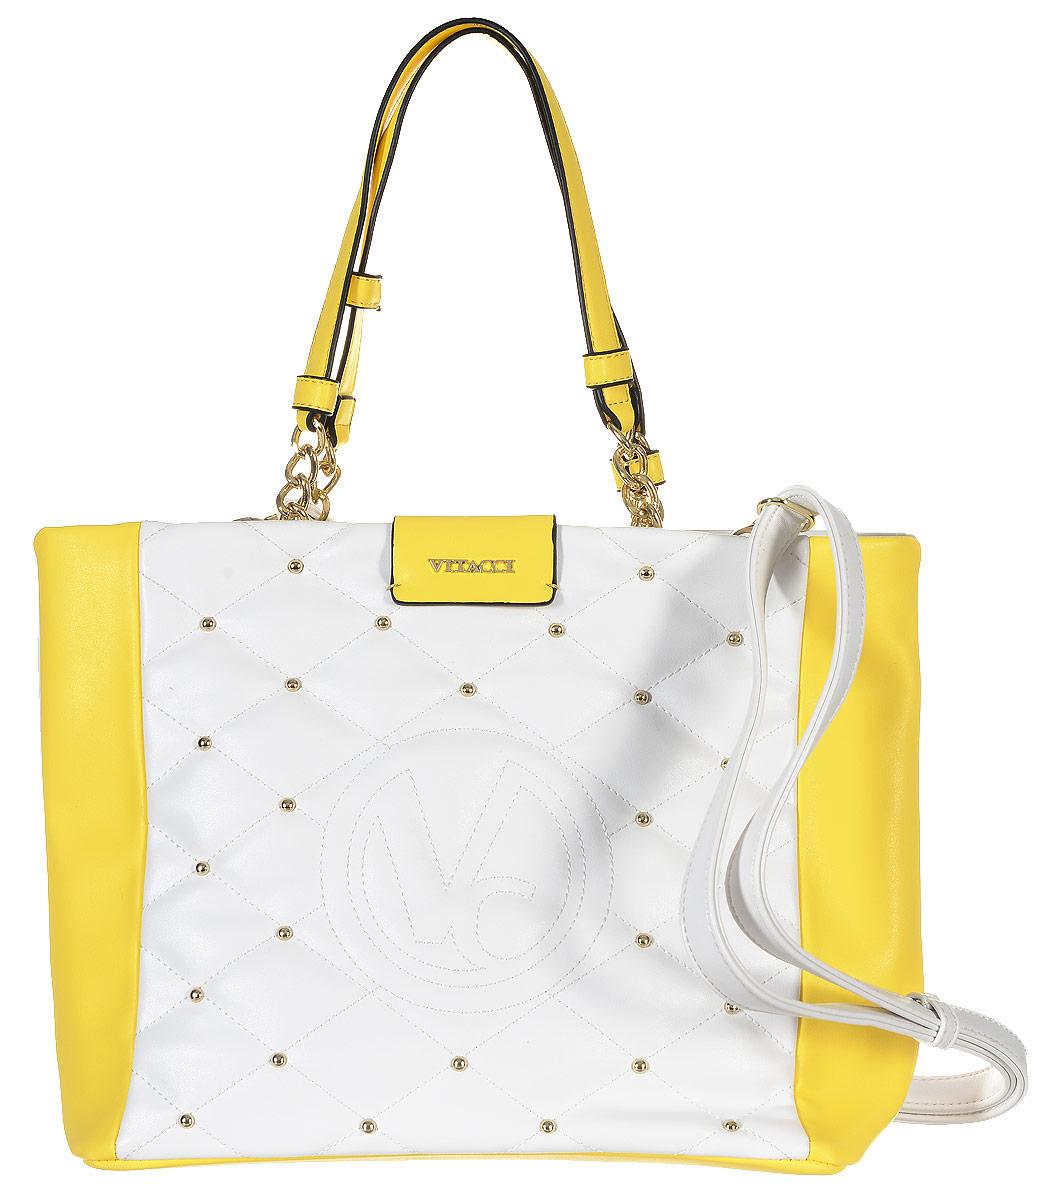 Сумка женская Vitacci, цвет: белый, желтый. 63505-563505-5Изысканная женская сумка Vitacci из искусственной кожи, оформлена декоративной прострочкой и фурнитурой золотистого цвета. Сумка закрывается на замок-молнию. Ручки сумки комбинированные, состоят из оригинальной плетеной металлической цепочки и кожи. Внутри два глубоких отделения, разделенные карманом-средником на молнии. Вместительные внутренние отделения содержат два накладных кармана для телефона и мелких принадлежностей, а также врезной карман на молнии. Лицевая сторона украшена вышитым декоративным элементом с логотипом фирмы. Снаружи на задней стенке сумки размещен вшитый карман на молнии. Сумка оснащена съемным плечевым ремнем регулируемой длины, которые позволят носить изделие как в руках так и на плече. Роскошная сумка внесет элегантные нотки в ваш образ и подчеркнет ваше отменное чувство стиля.